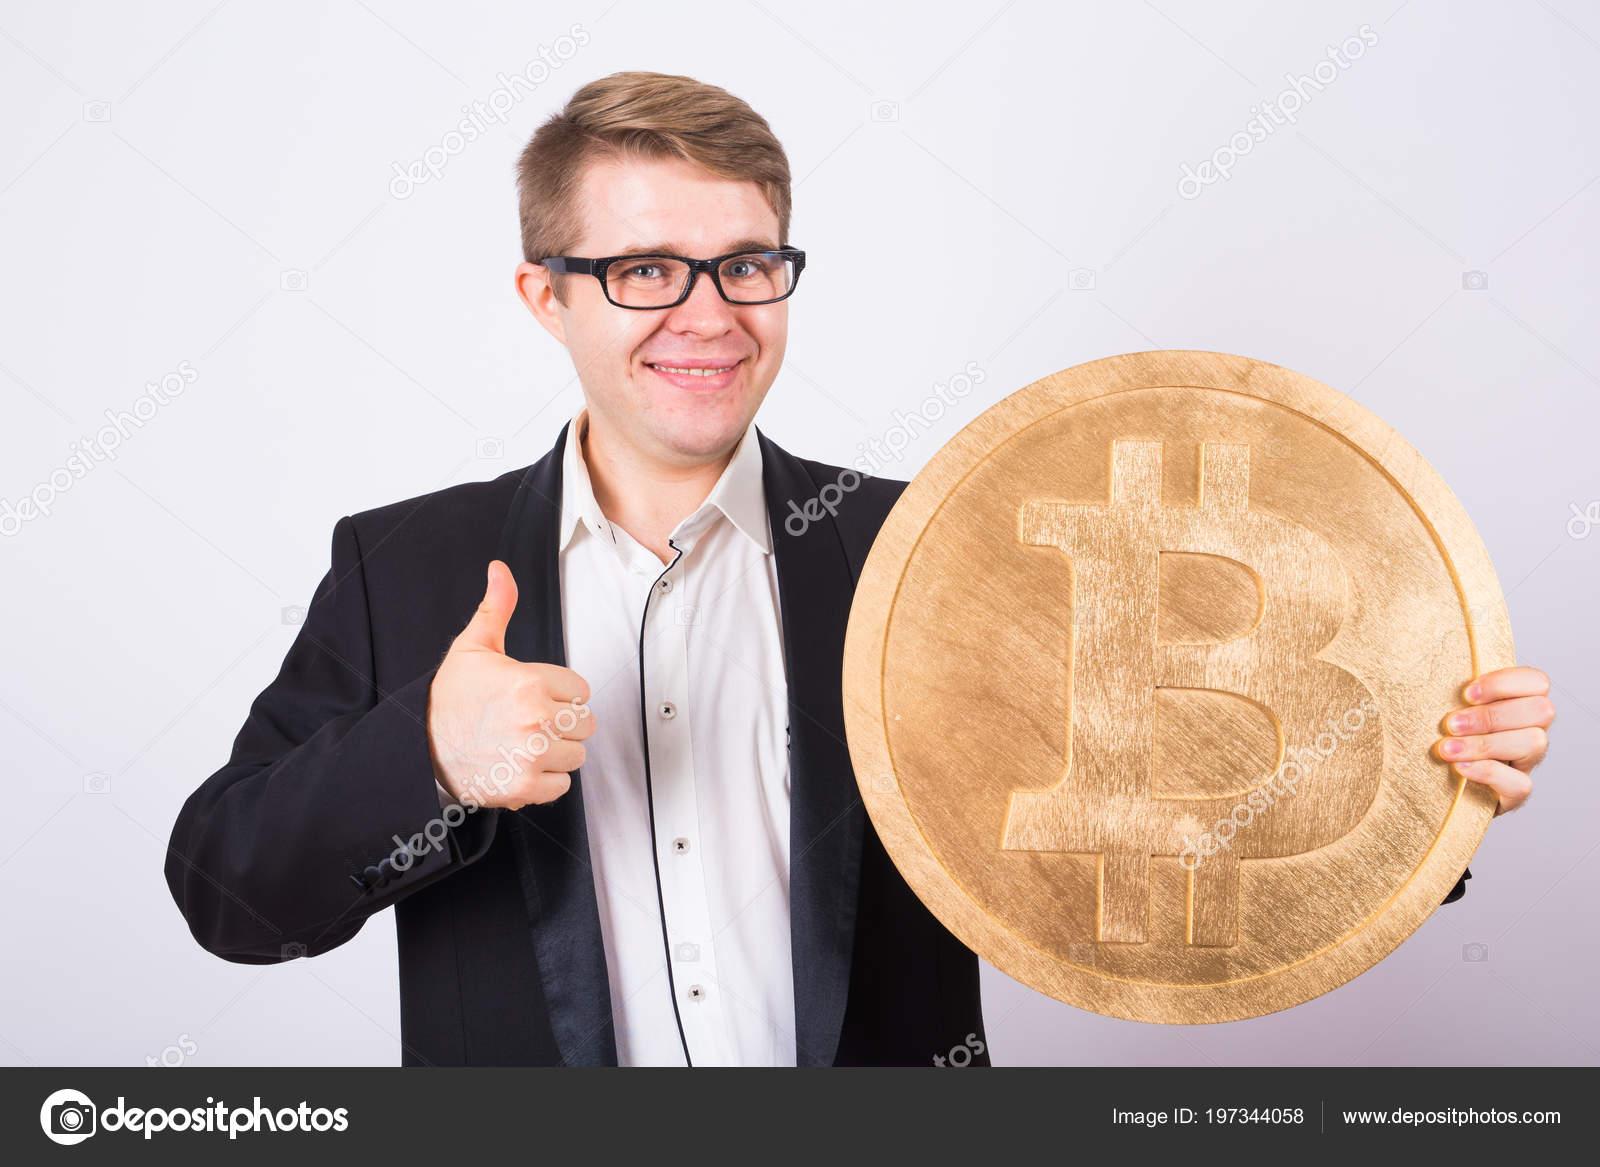 bitcoin man)